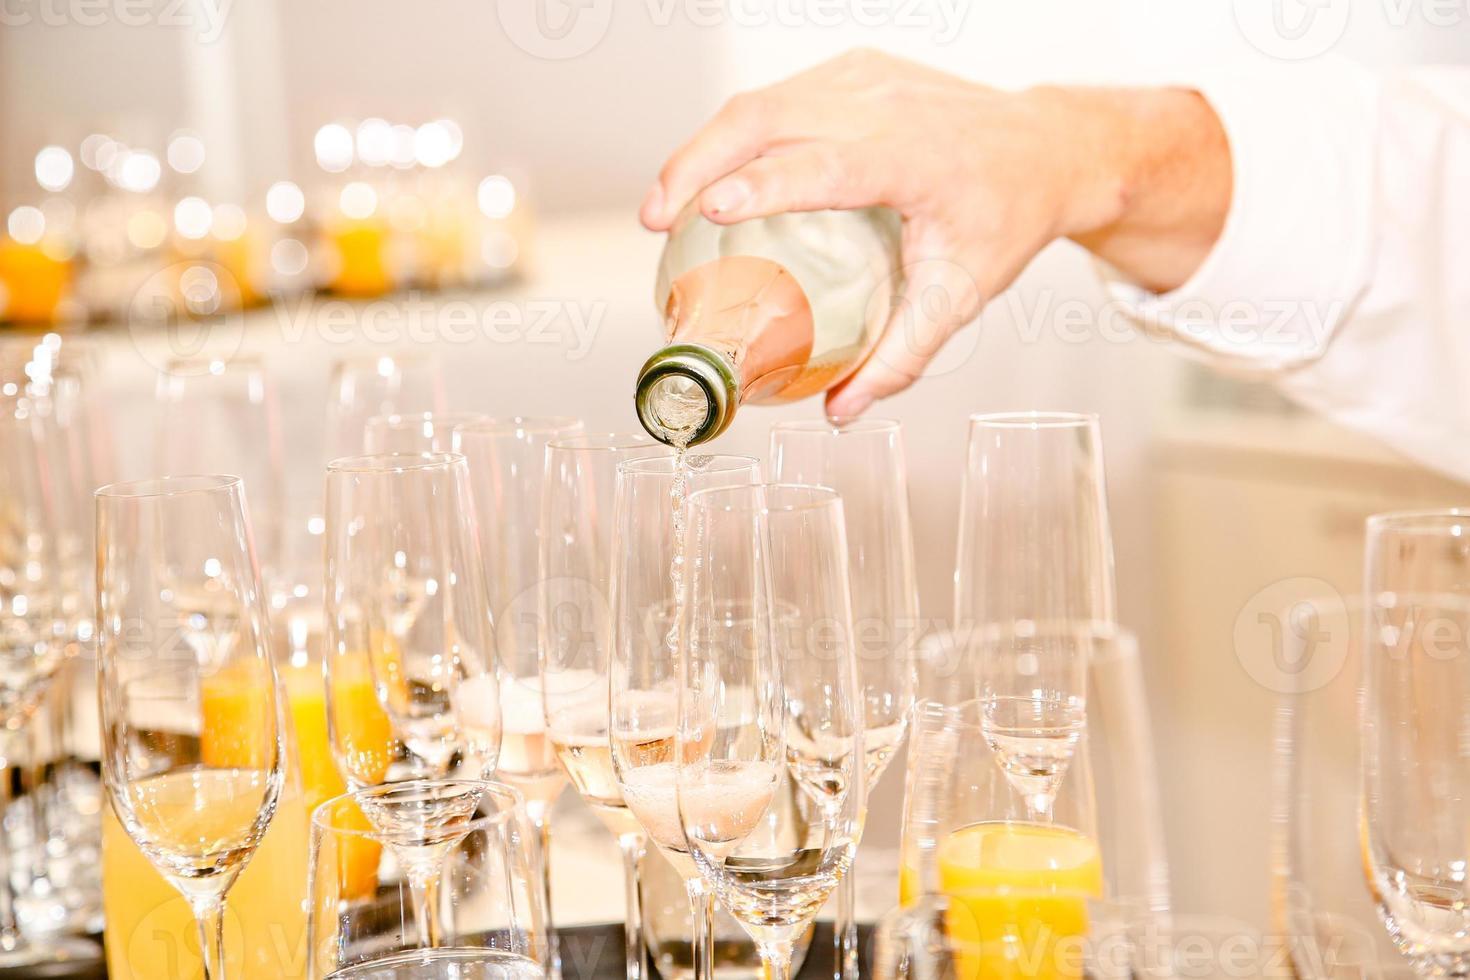 boissons servies par un serveur photo